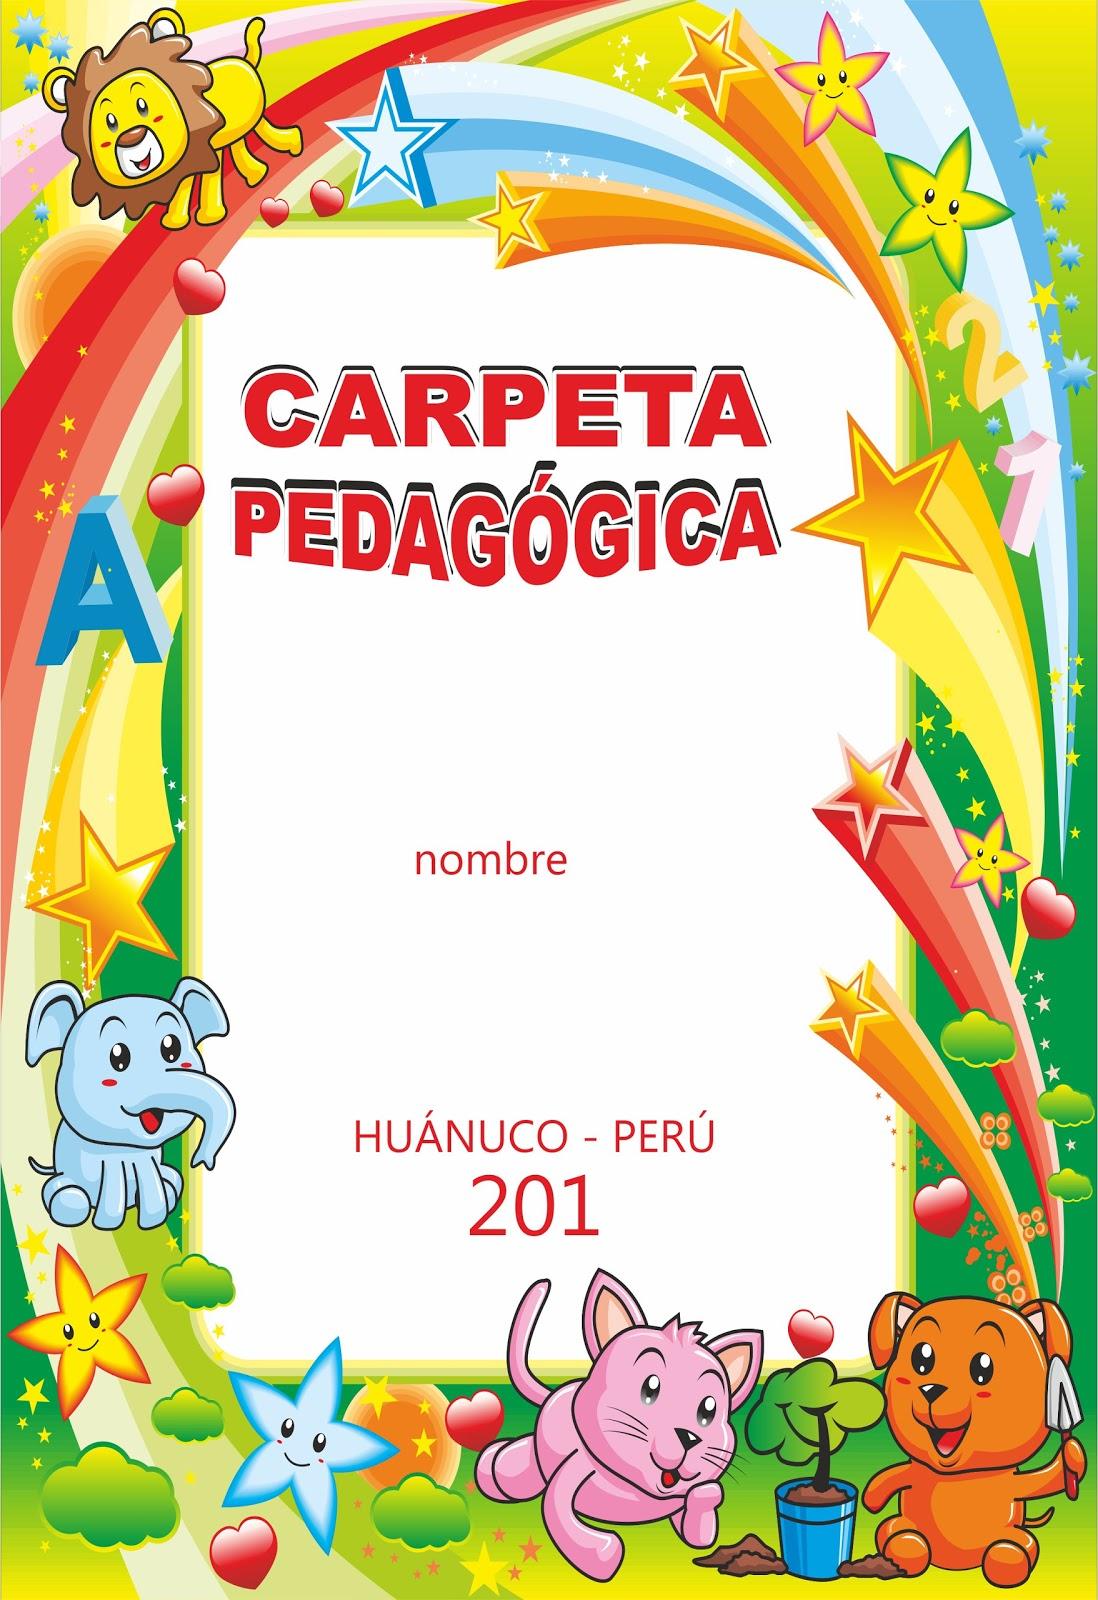 diseños educativos de carpeta pedagógica: octubre 2011